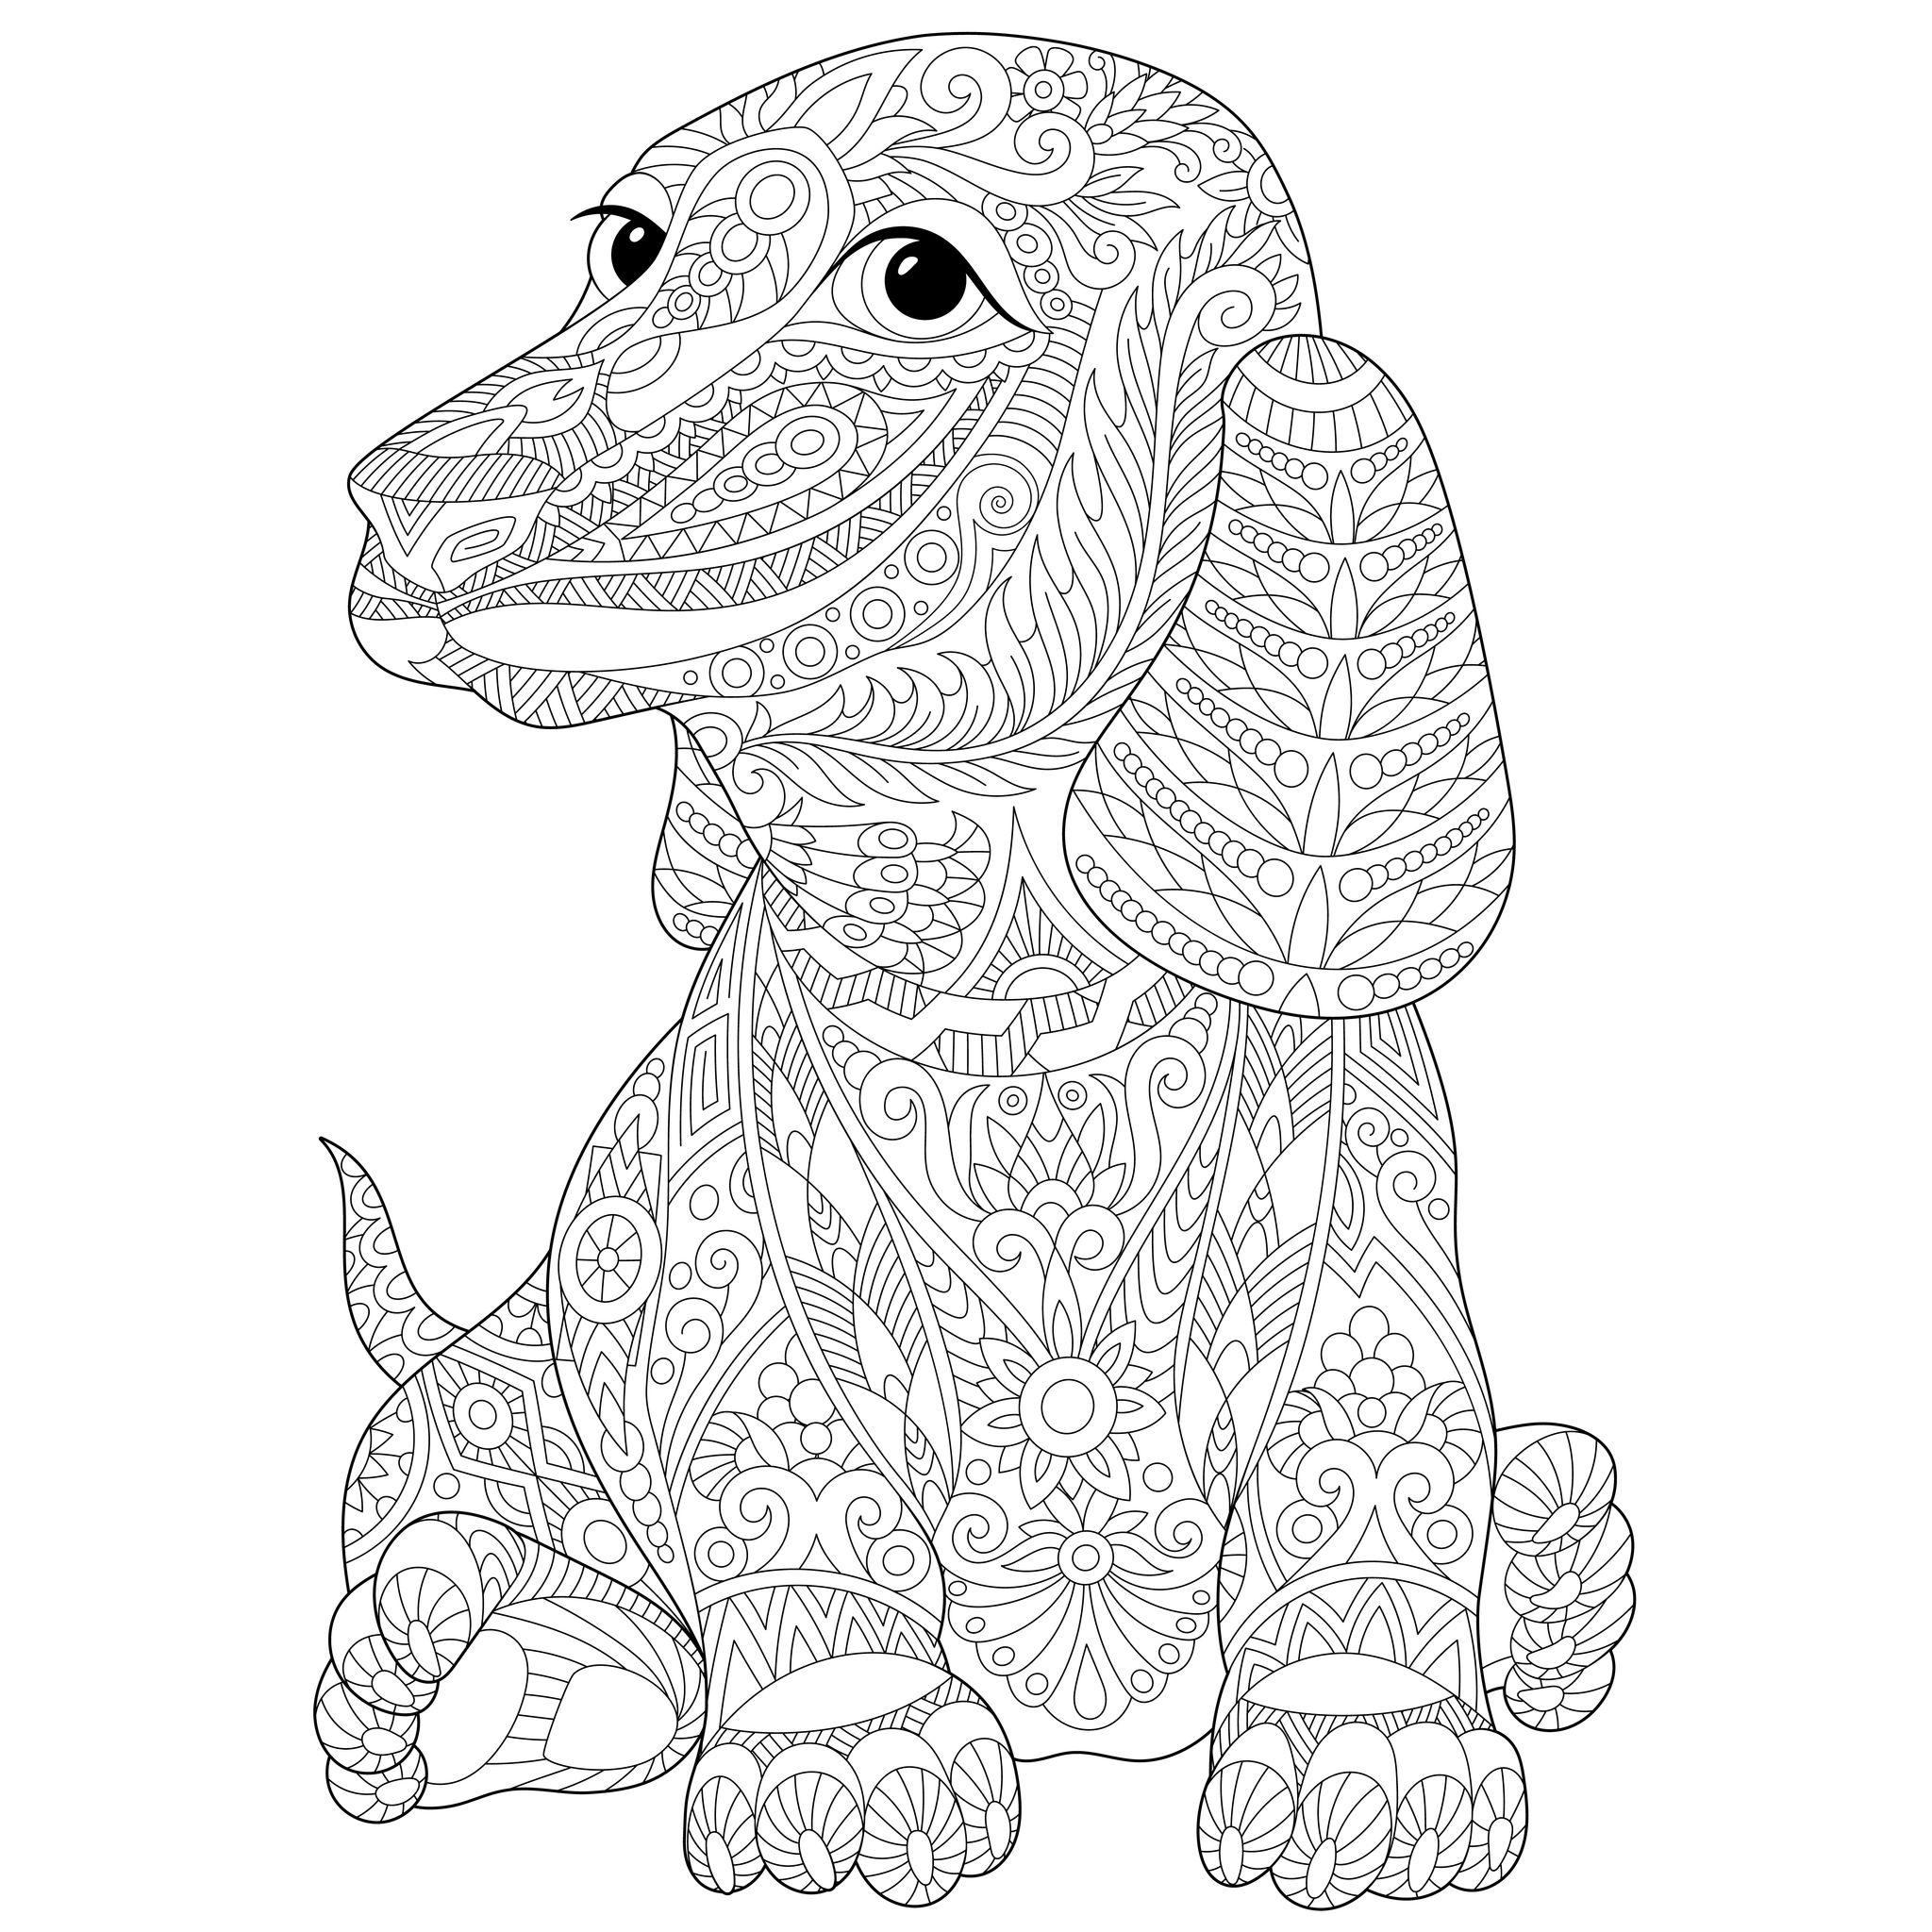 Chien teckel chiens coloriages difficiles pour adultes - Coloriage de chien ...